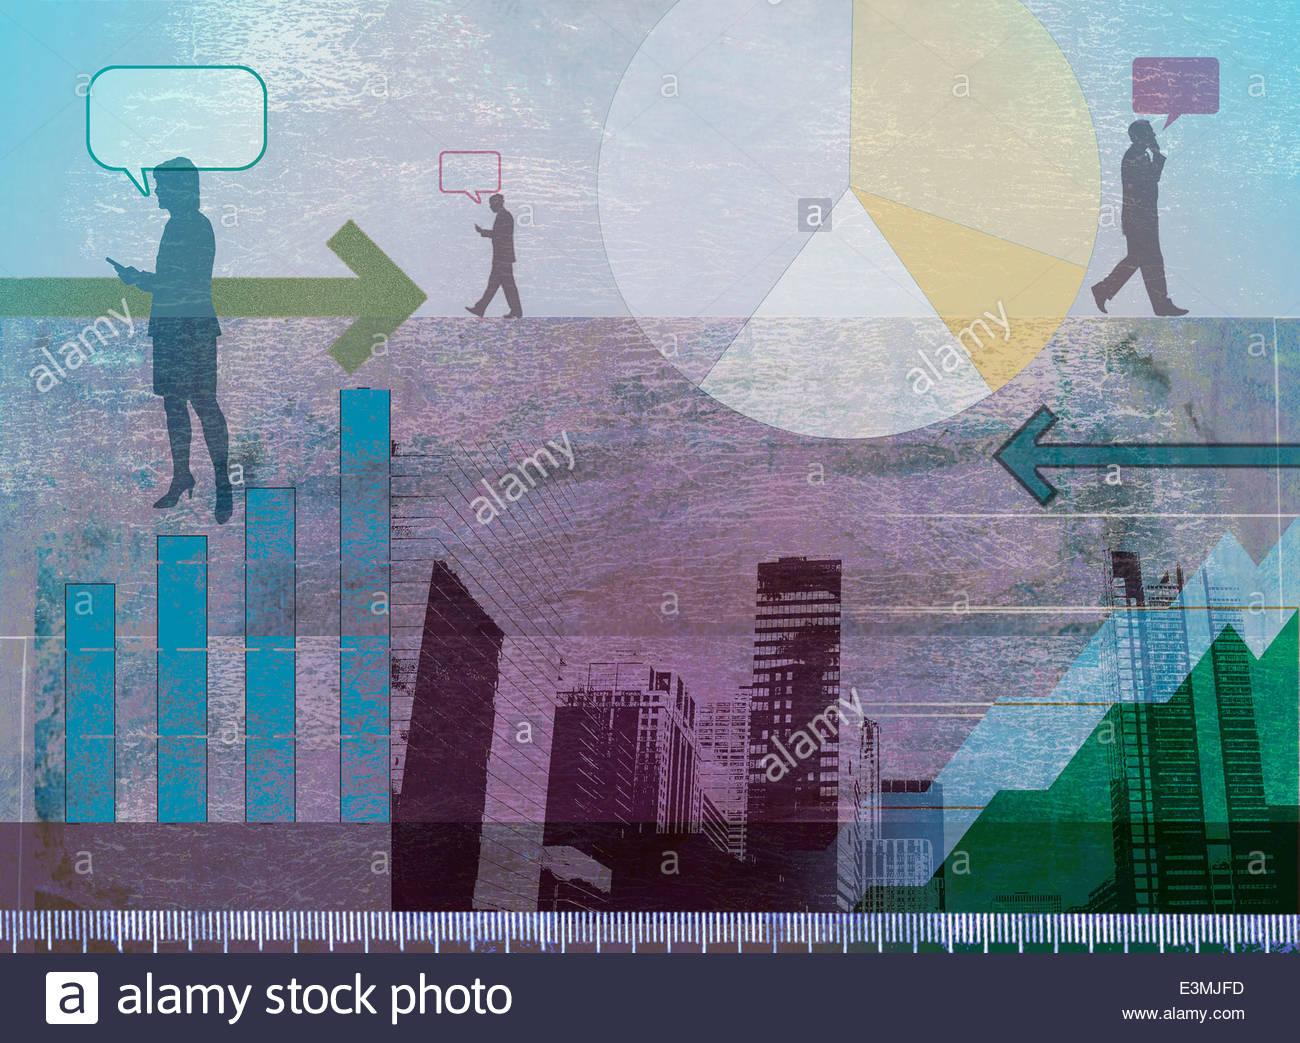 Wolkenkratzer, Grafiken, Pfeile und Geschäftsleute unterwegs kommunizieren Stockbild